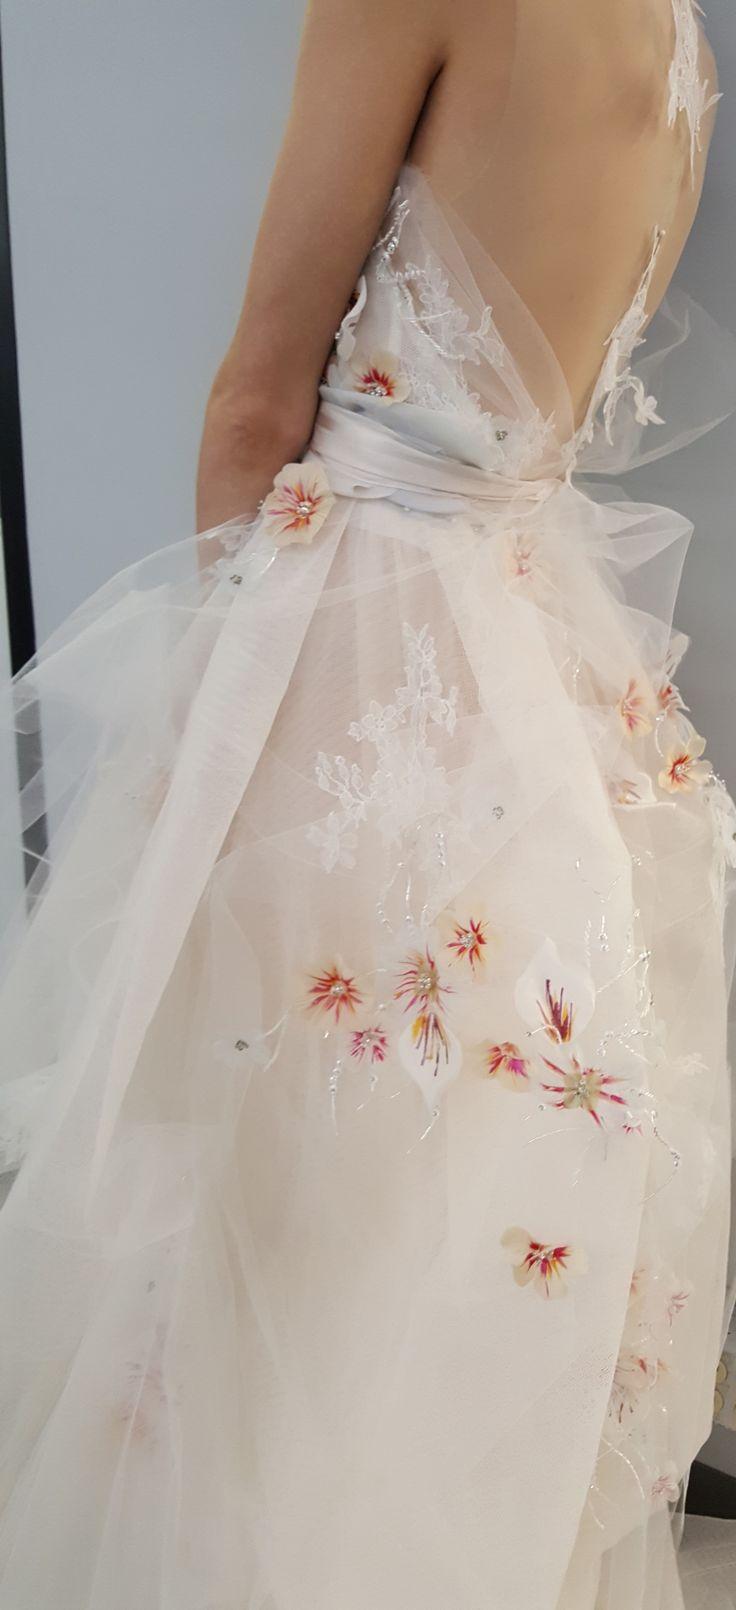 25 best ideas about monique lhuillier bridal on pinterest for Monique lhuillier wedding dress designers